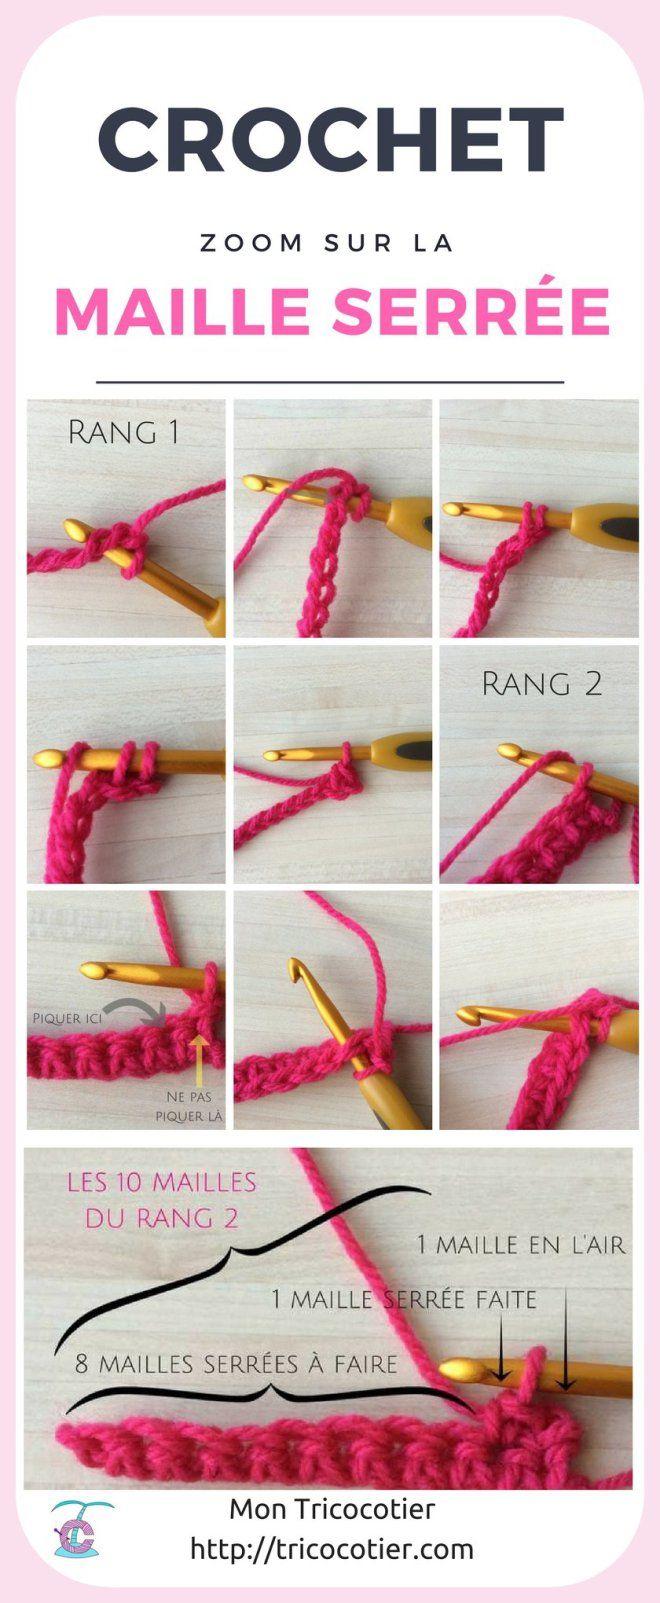 Comment faire une maille serrée au crochet ? (TUTO en photos) – Tricot crochet couture, modèles gratuits